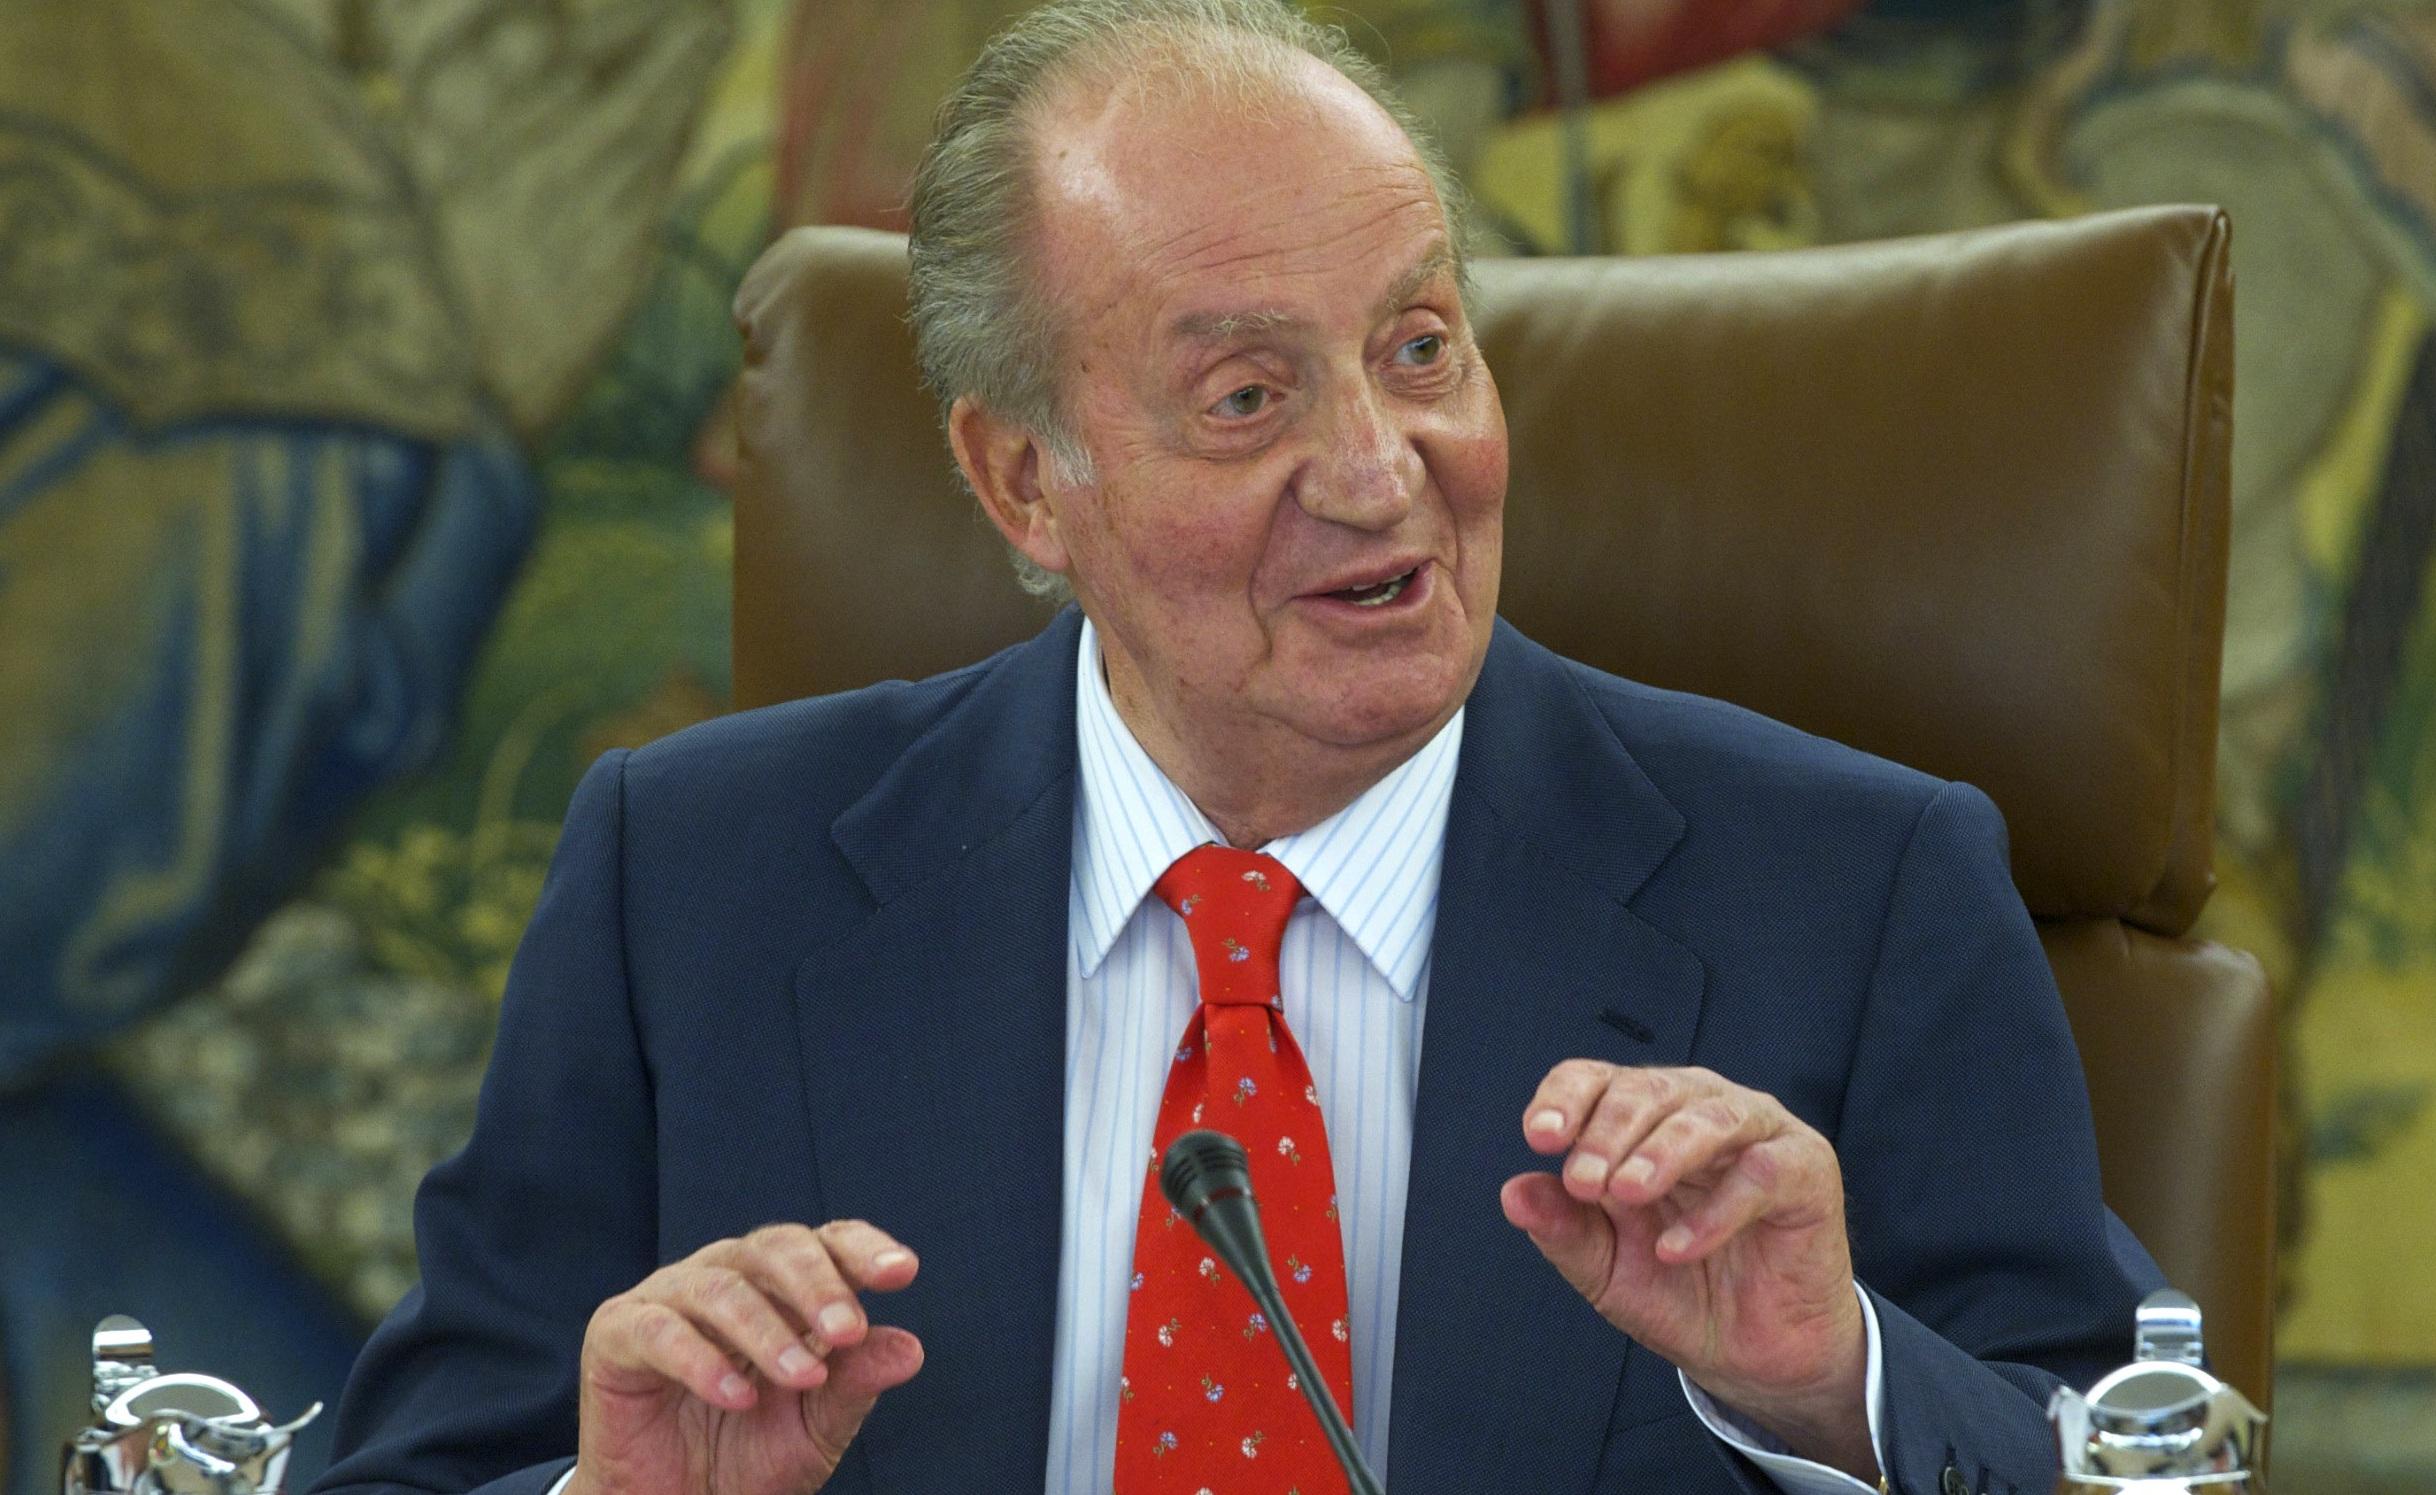 El Rey Juan Carlos agradece los buenos deseos de recuperación